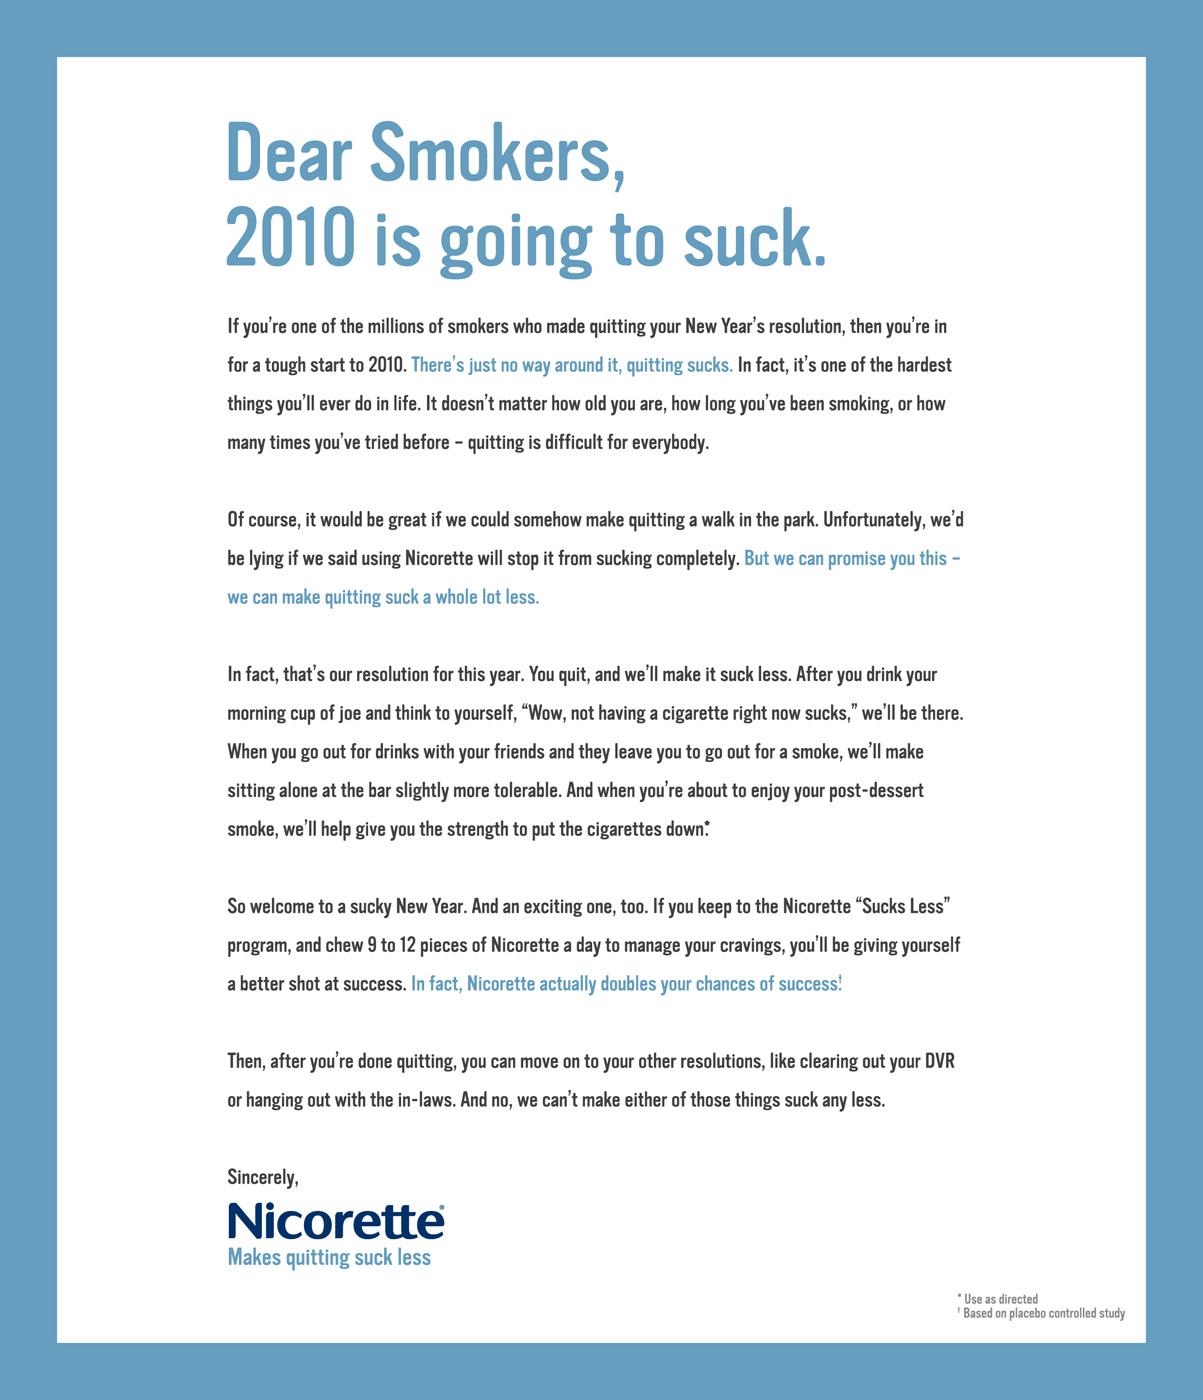 letter ads